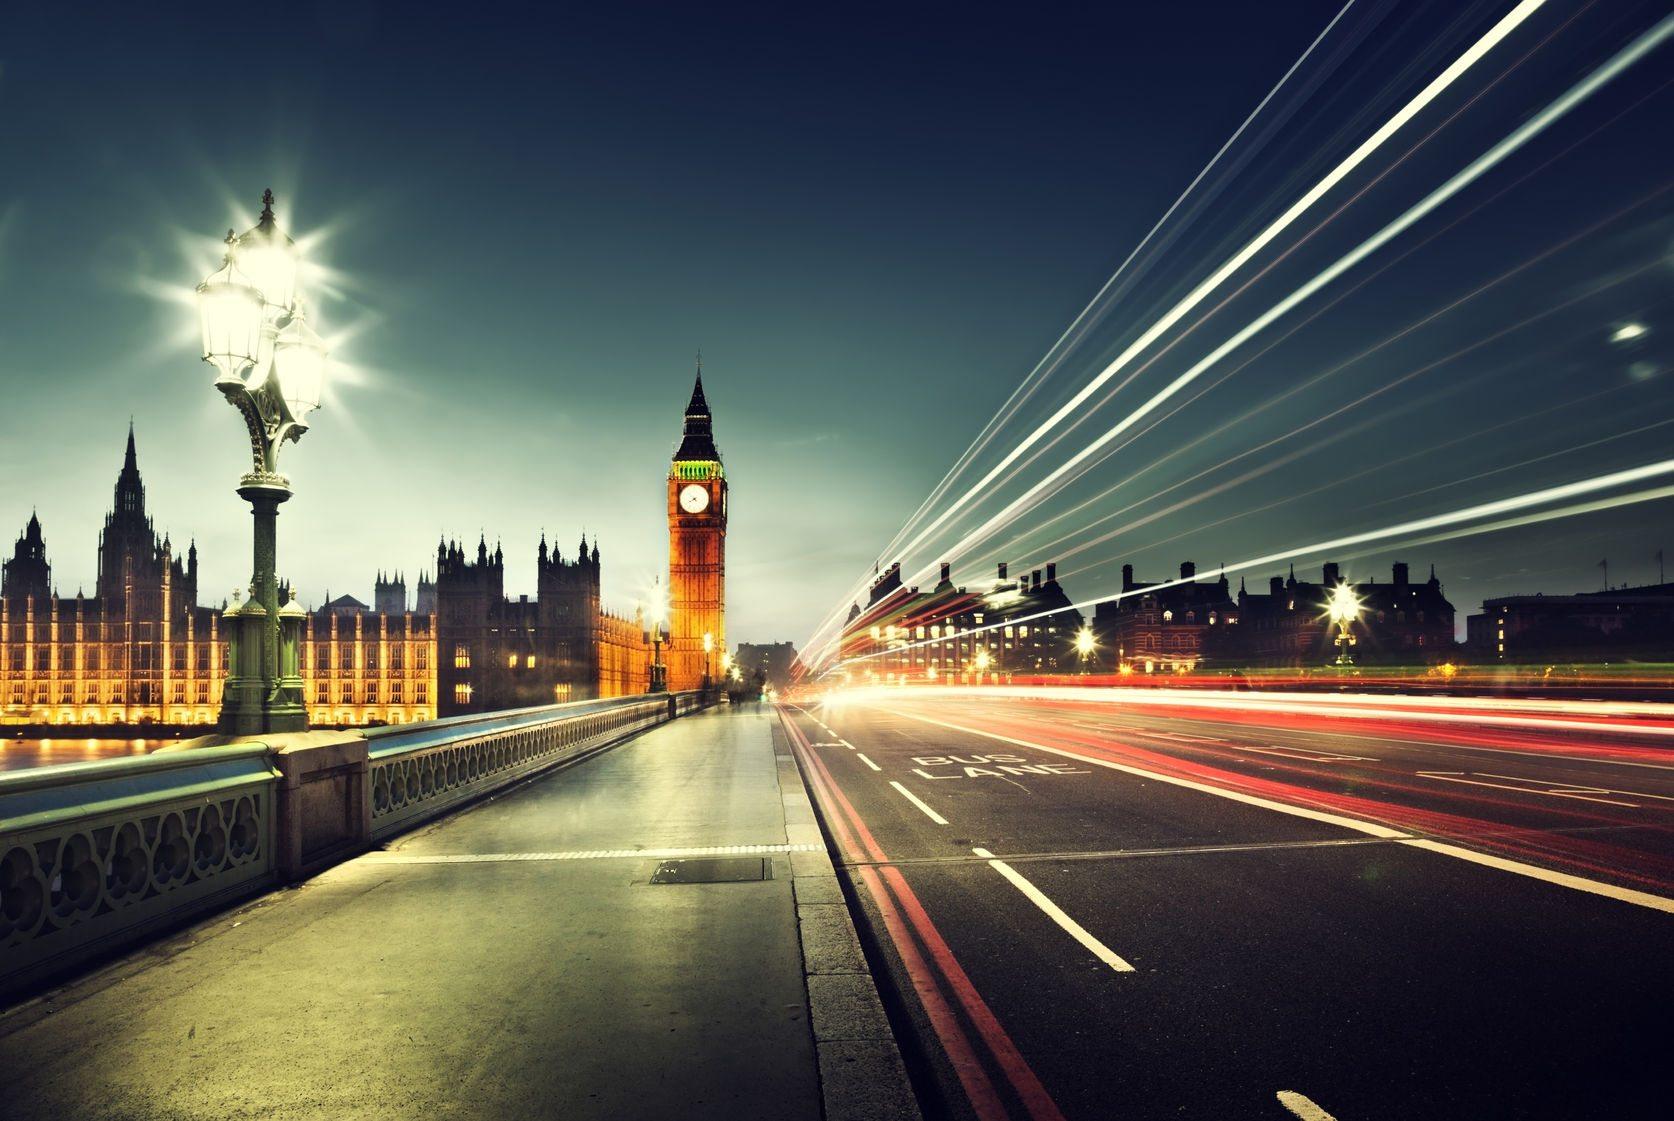 5G: Avrupa, İngiltere'nin İzinden mi Gidecek?